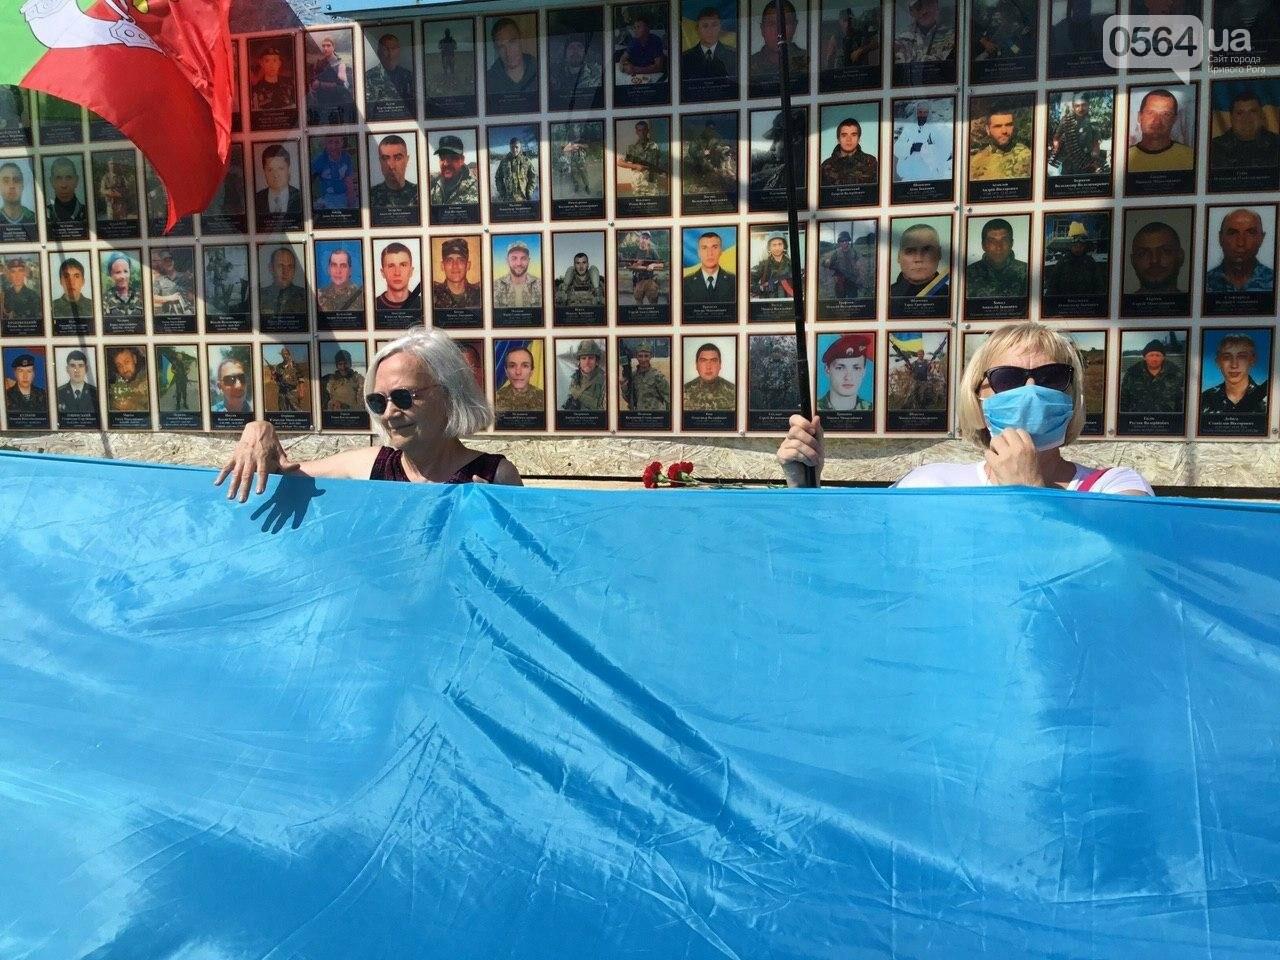 """""""Українці - брати, Разом ми - сила!"""", - какие пожелания и призывы написали криворожане на Знамени Единства, - ФОТО, ВИДЕО, фото-37"""